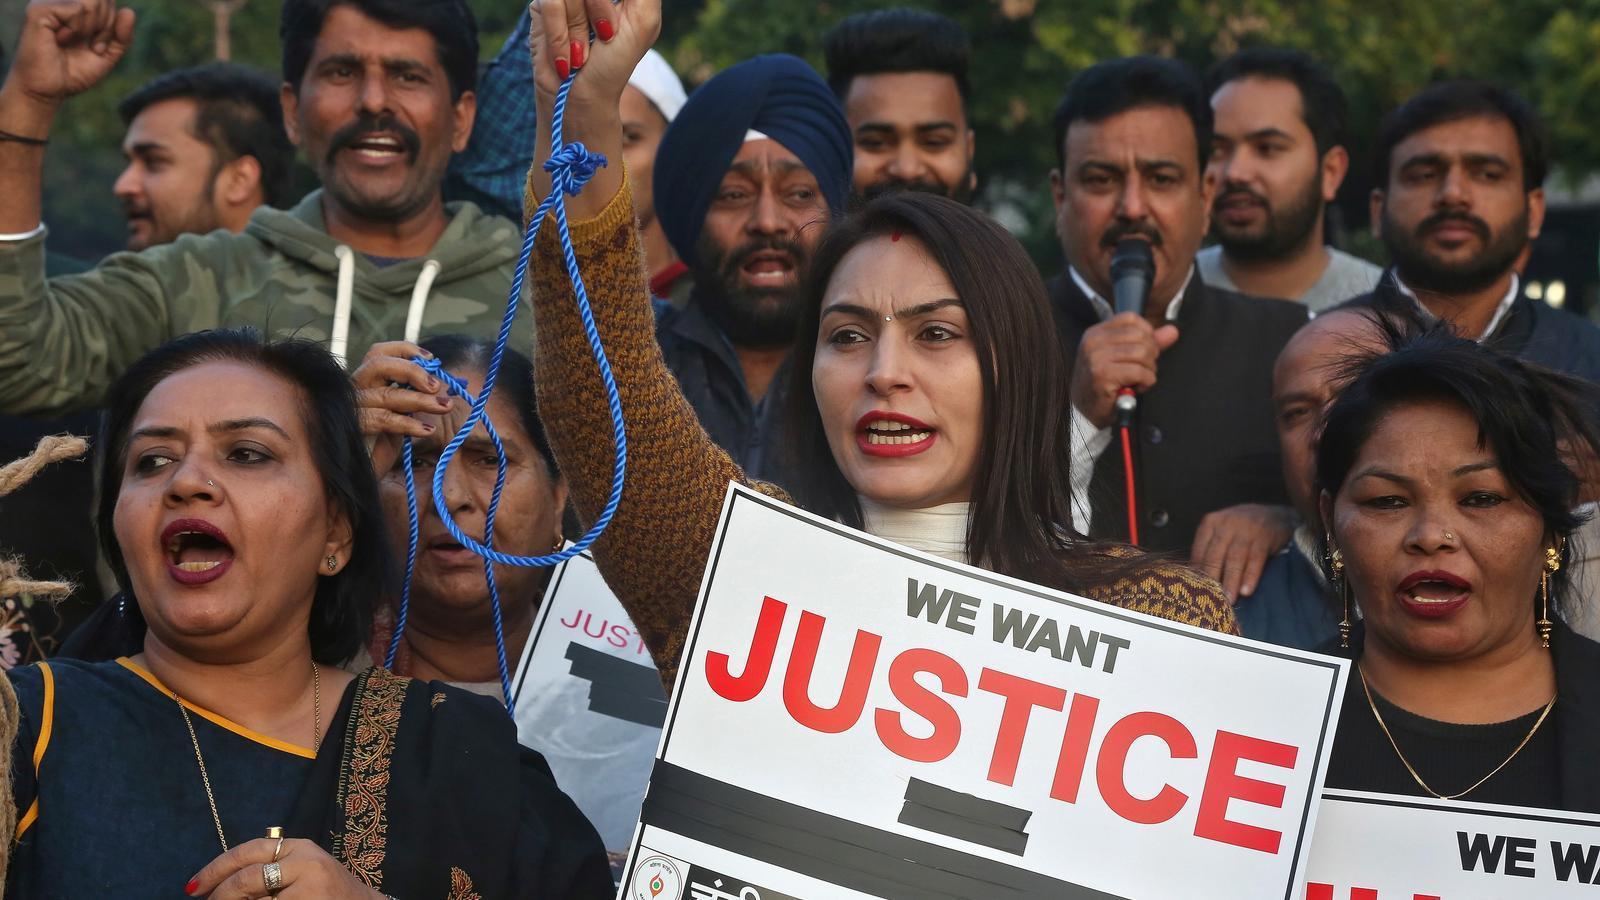 Indignació a l'Índia perquè violen i cremen una dona fins a la mort